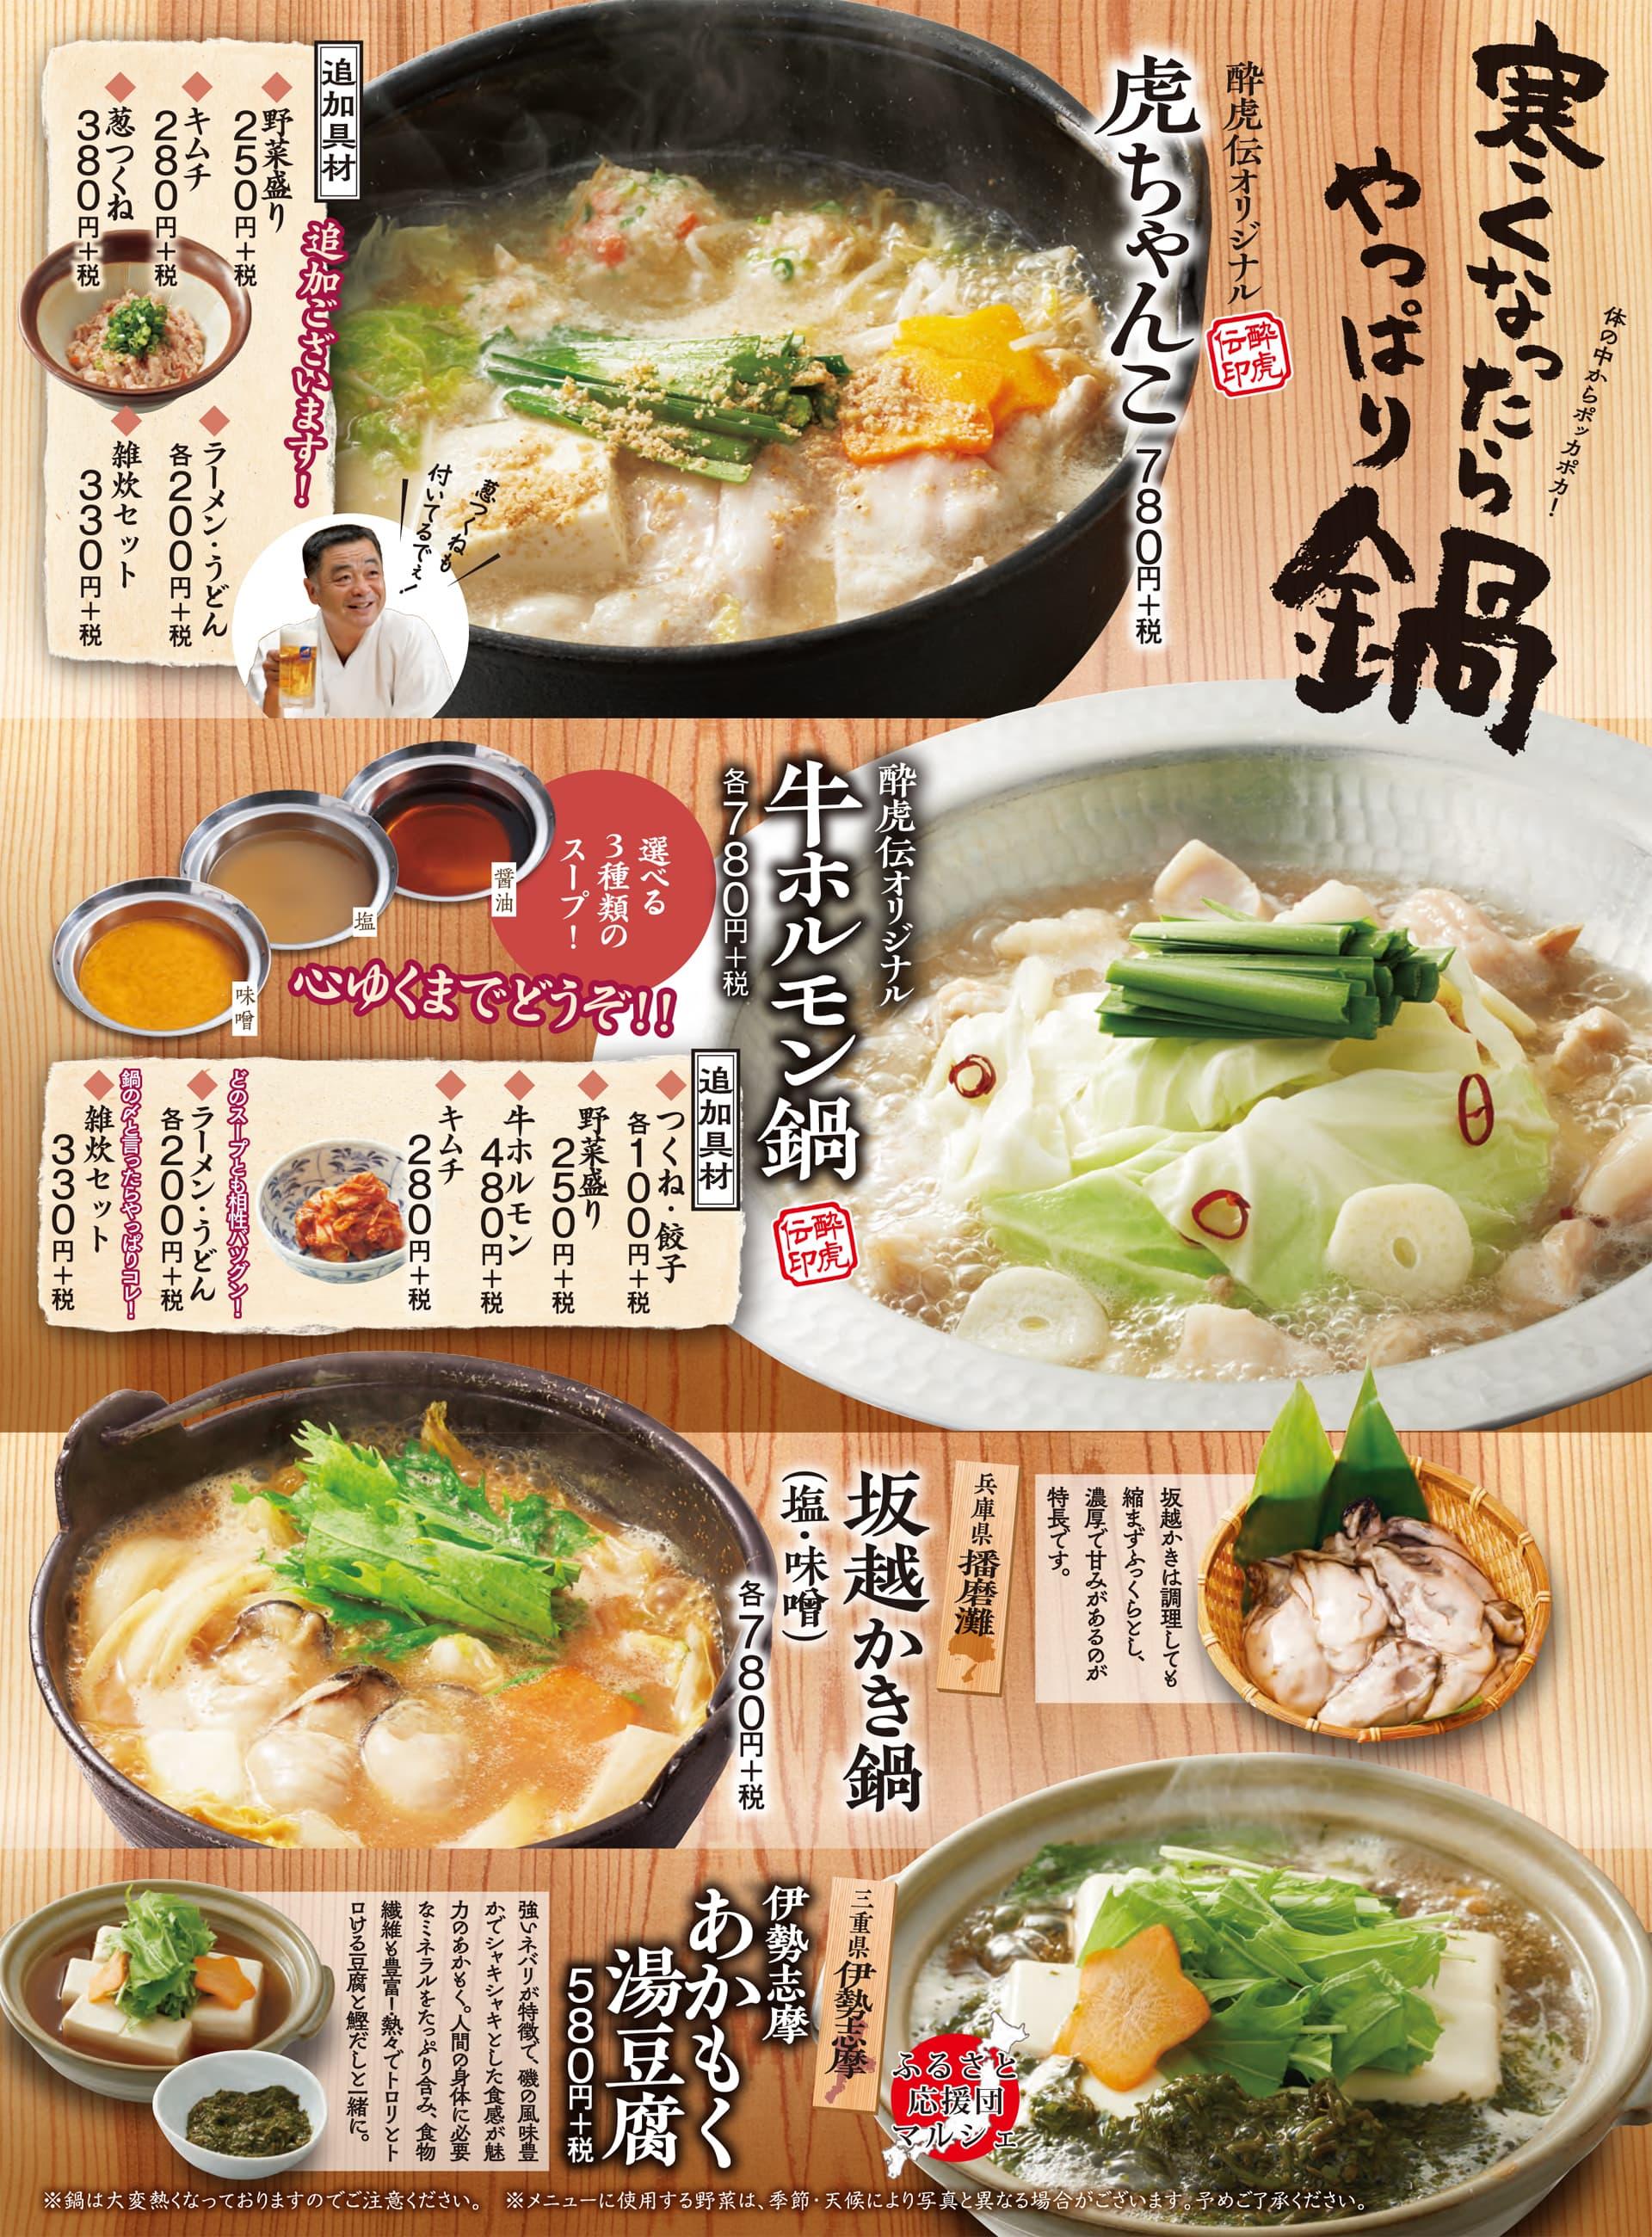 酔虎伝 鍋